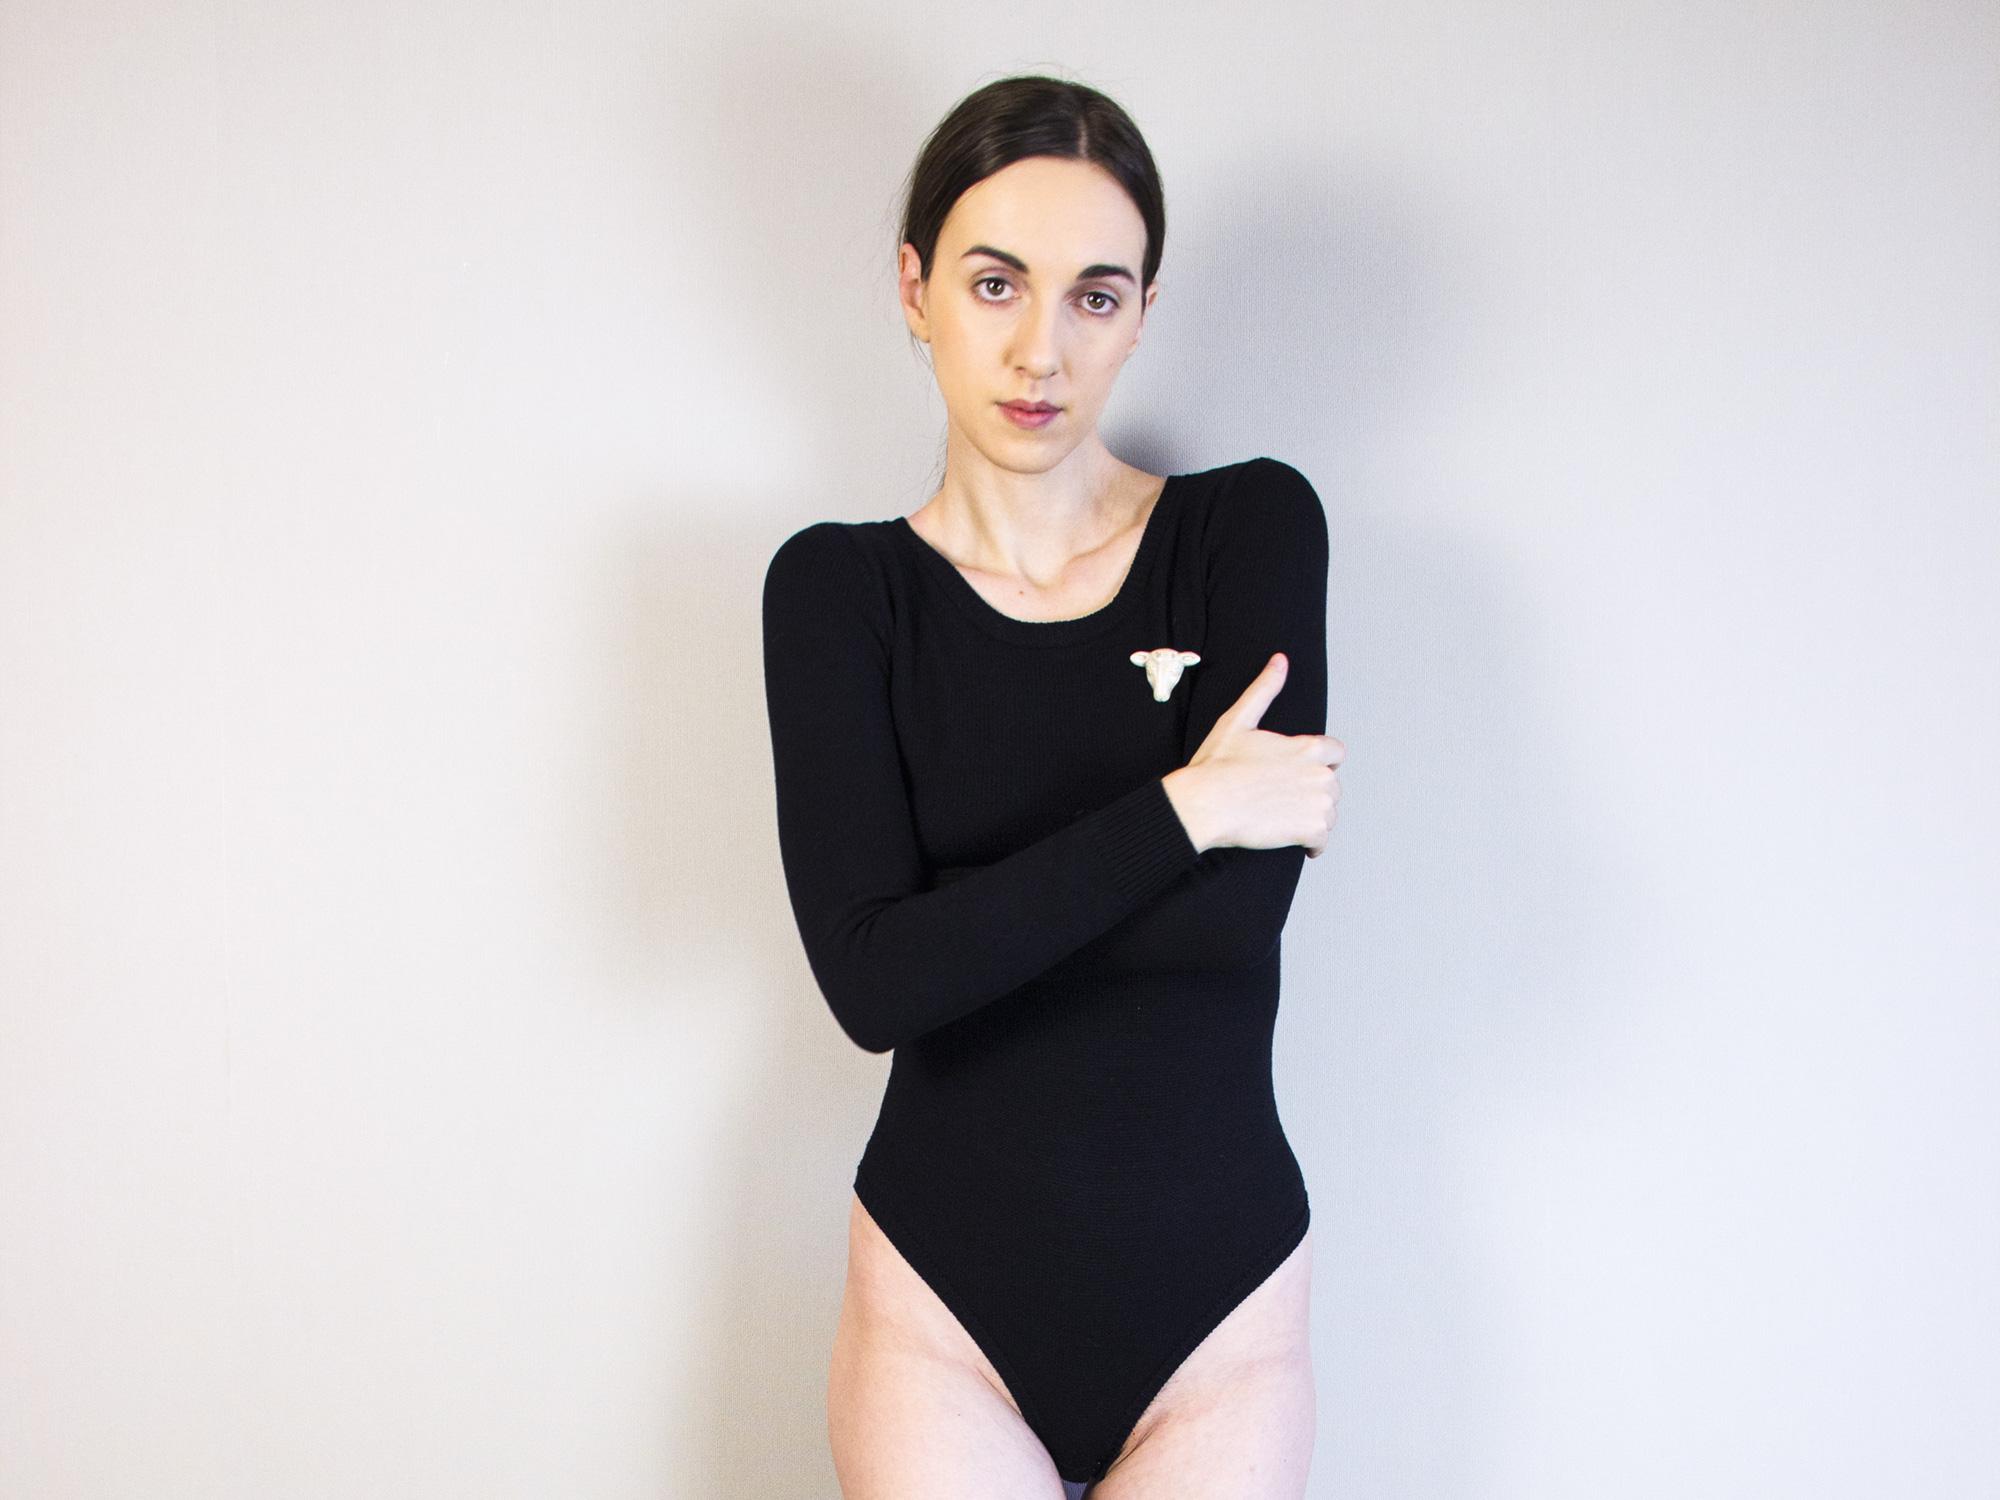 Как ухаживать за нижним бельем и одеждой из шерсти, garterblog.ru